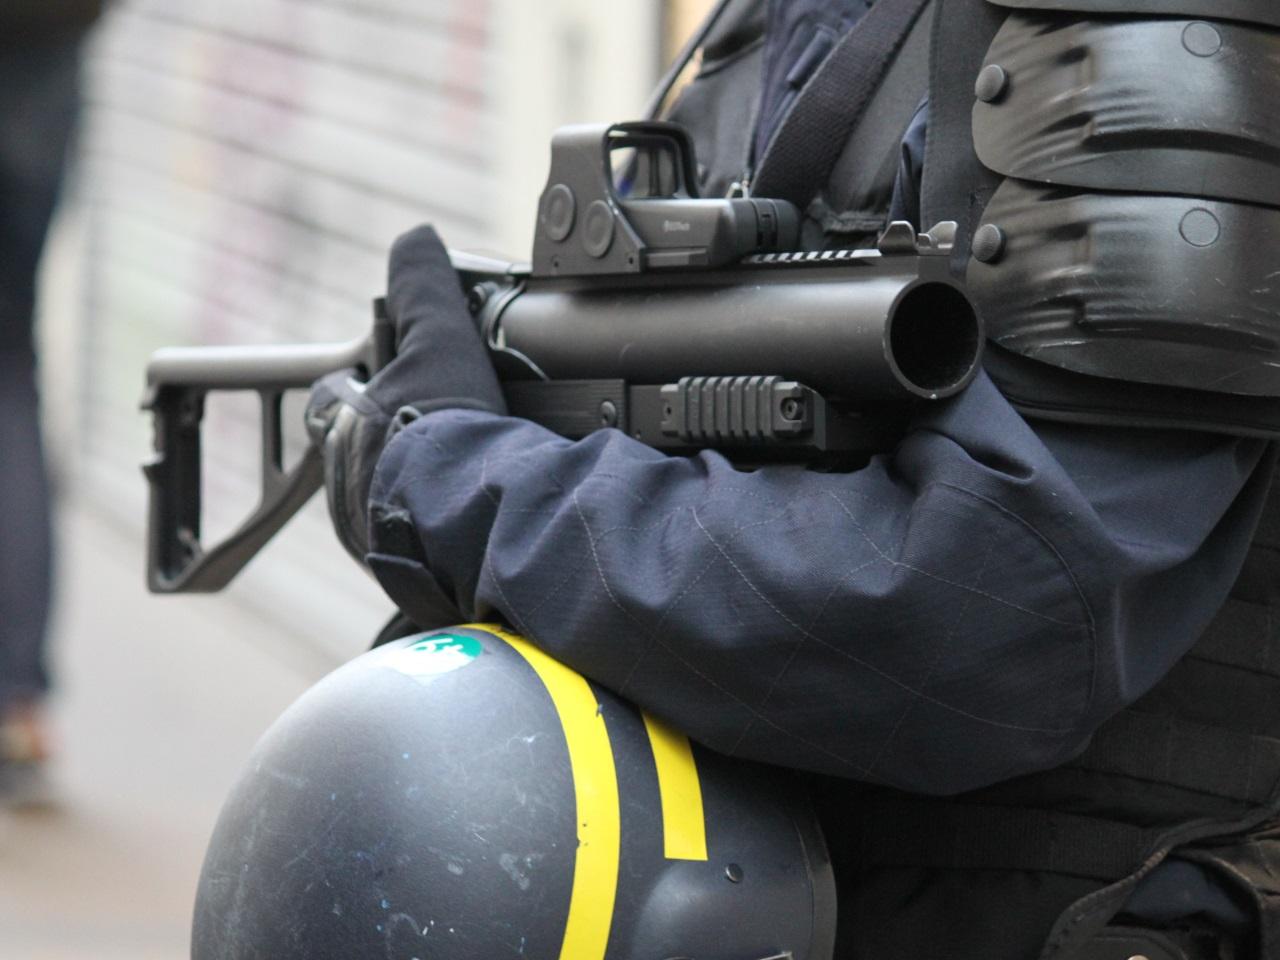 Il percute violemment une enfant en fonçant délibérément sur la police — Lyon